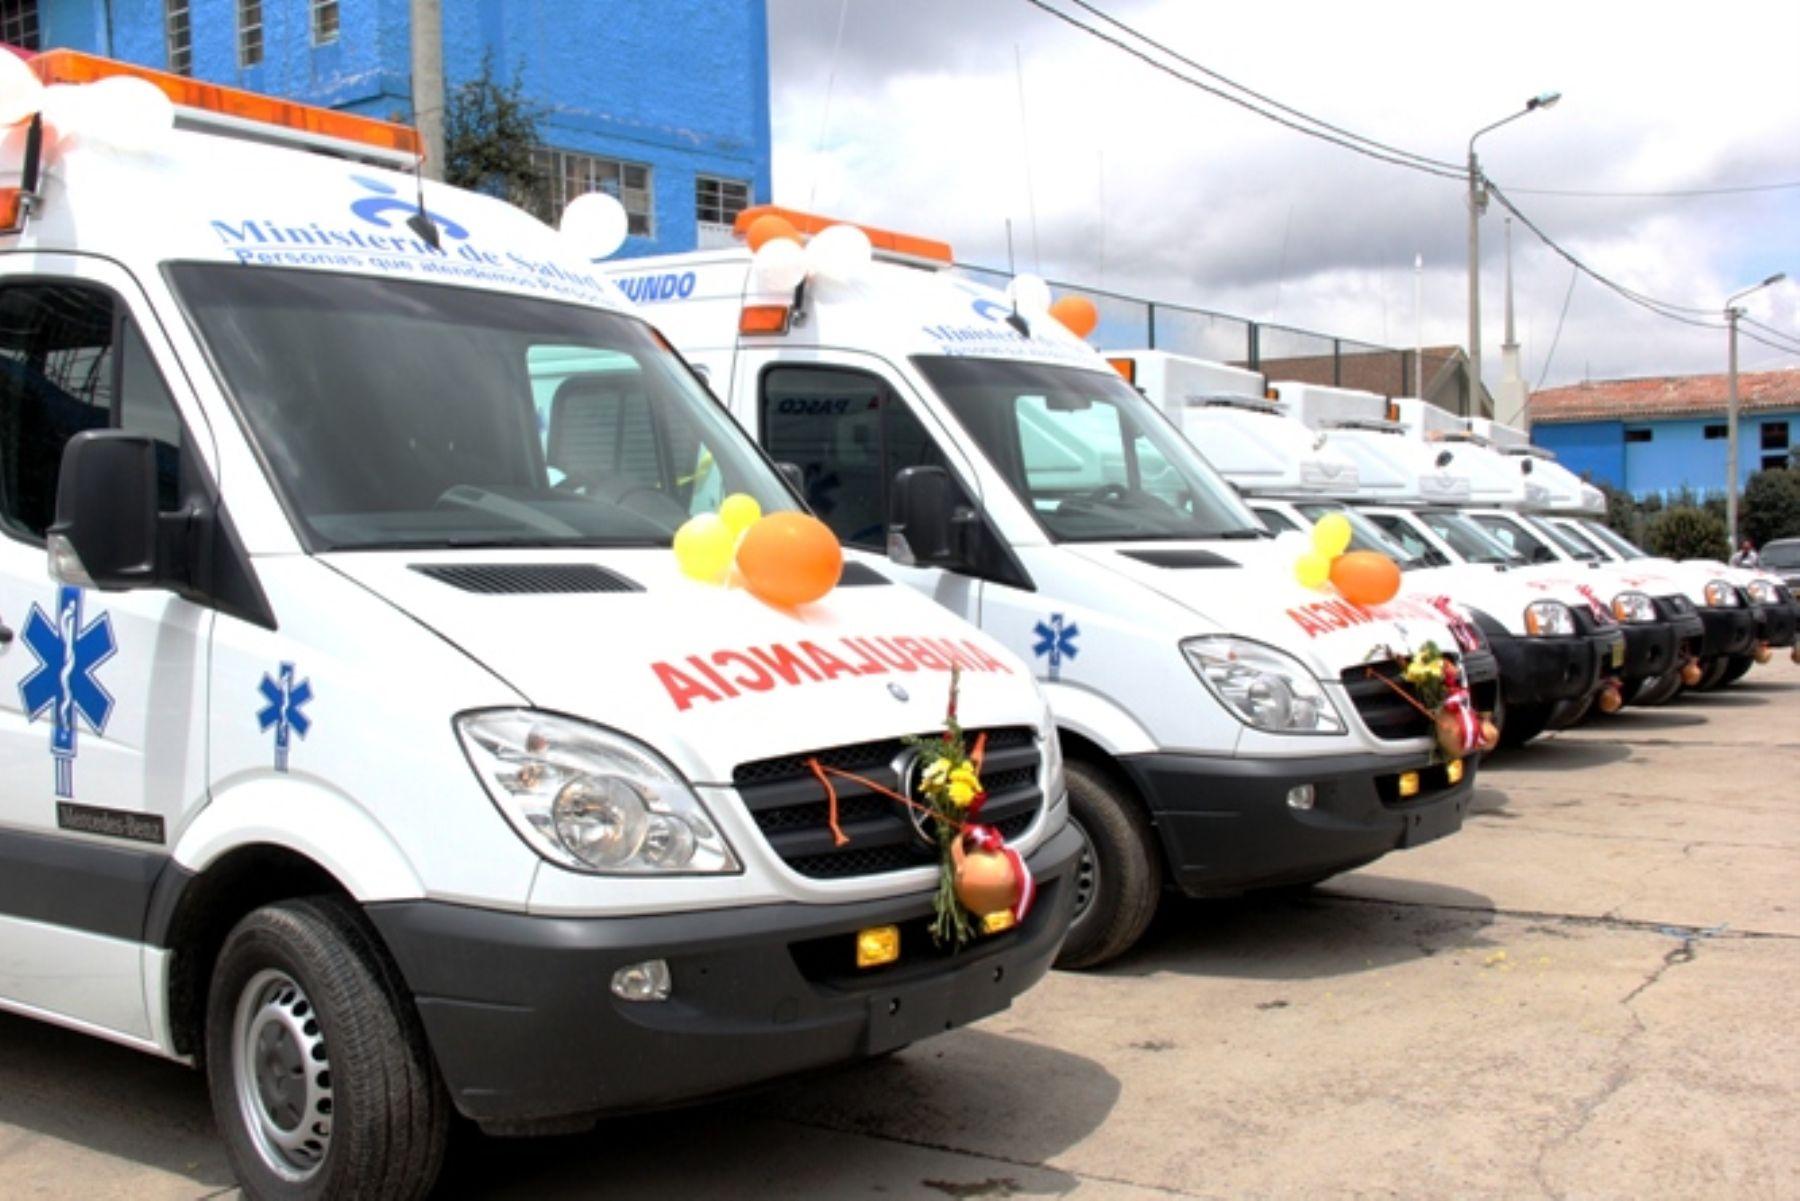 Fotos De Ambulancias Modernas >> Adquirirán ambulancias para centros de salud Lambayecanos por más de S/. 1 millón   Noticias ...